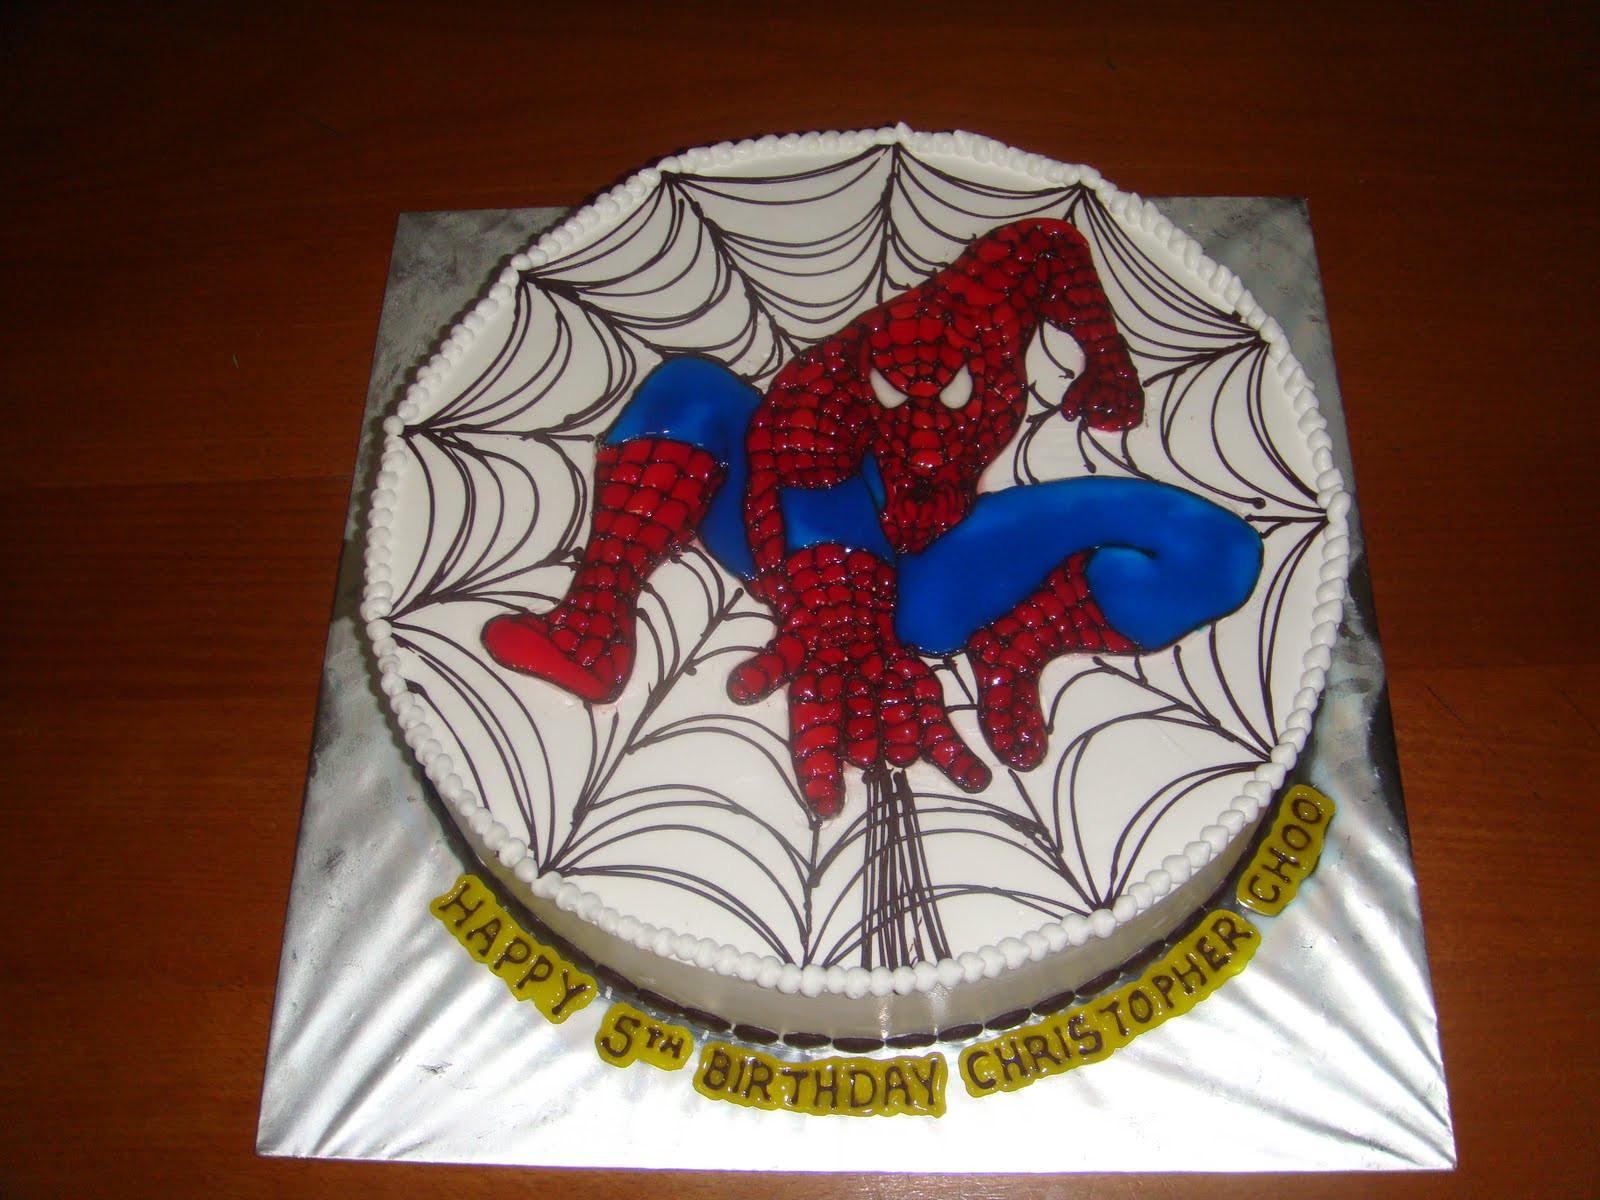 Spiderman Birthday Cakes  Yummy Baking Spiderman Birthday Cake